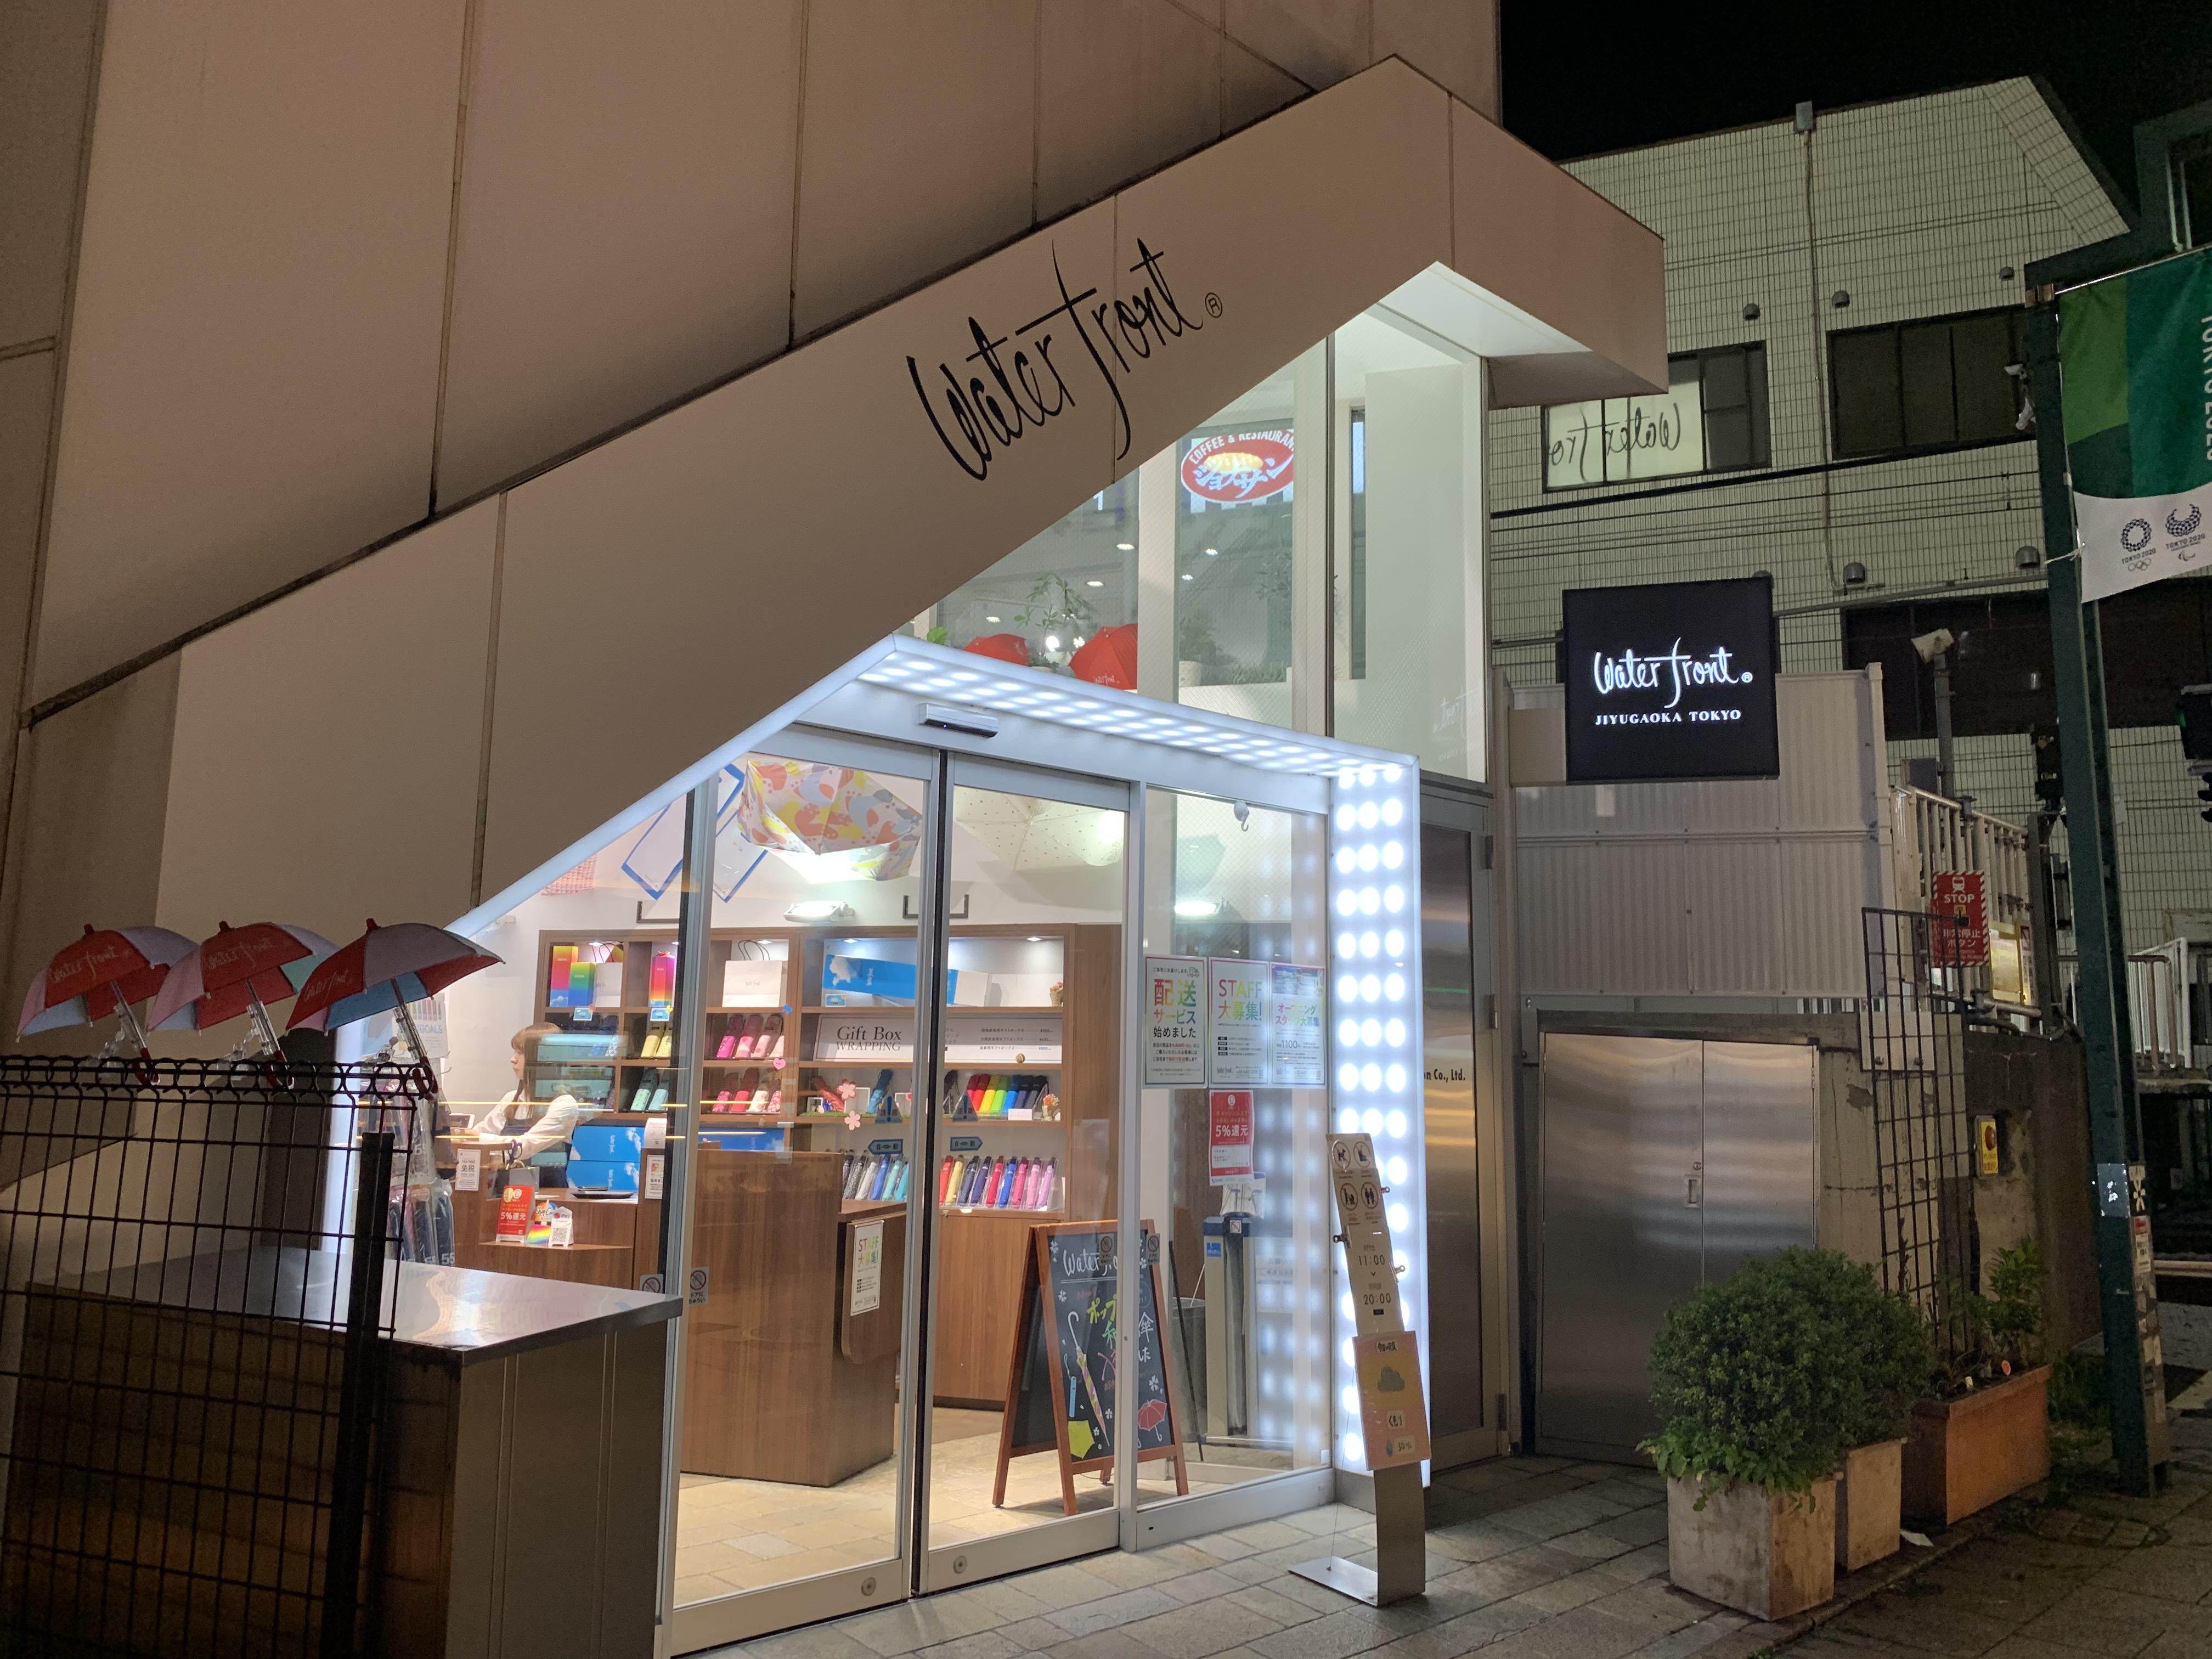 Waterfront JIYUGAOKA/TOKYO,ウォーターフロントじゆうがおかとうきょう,傘,専門店,自由が丘